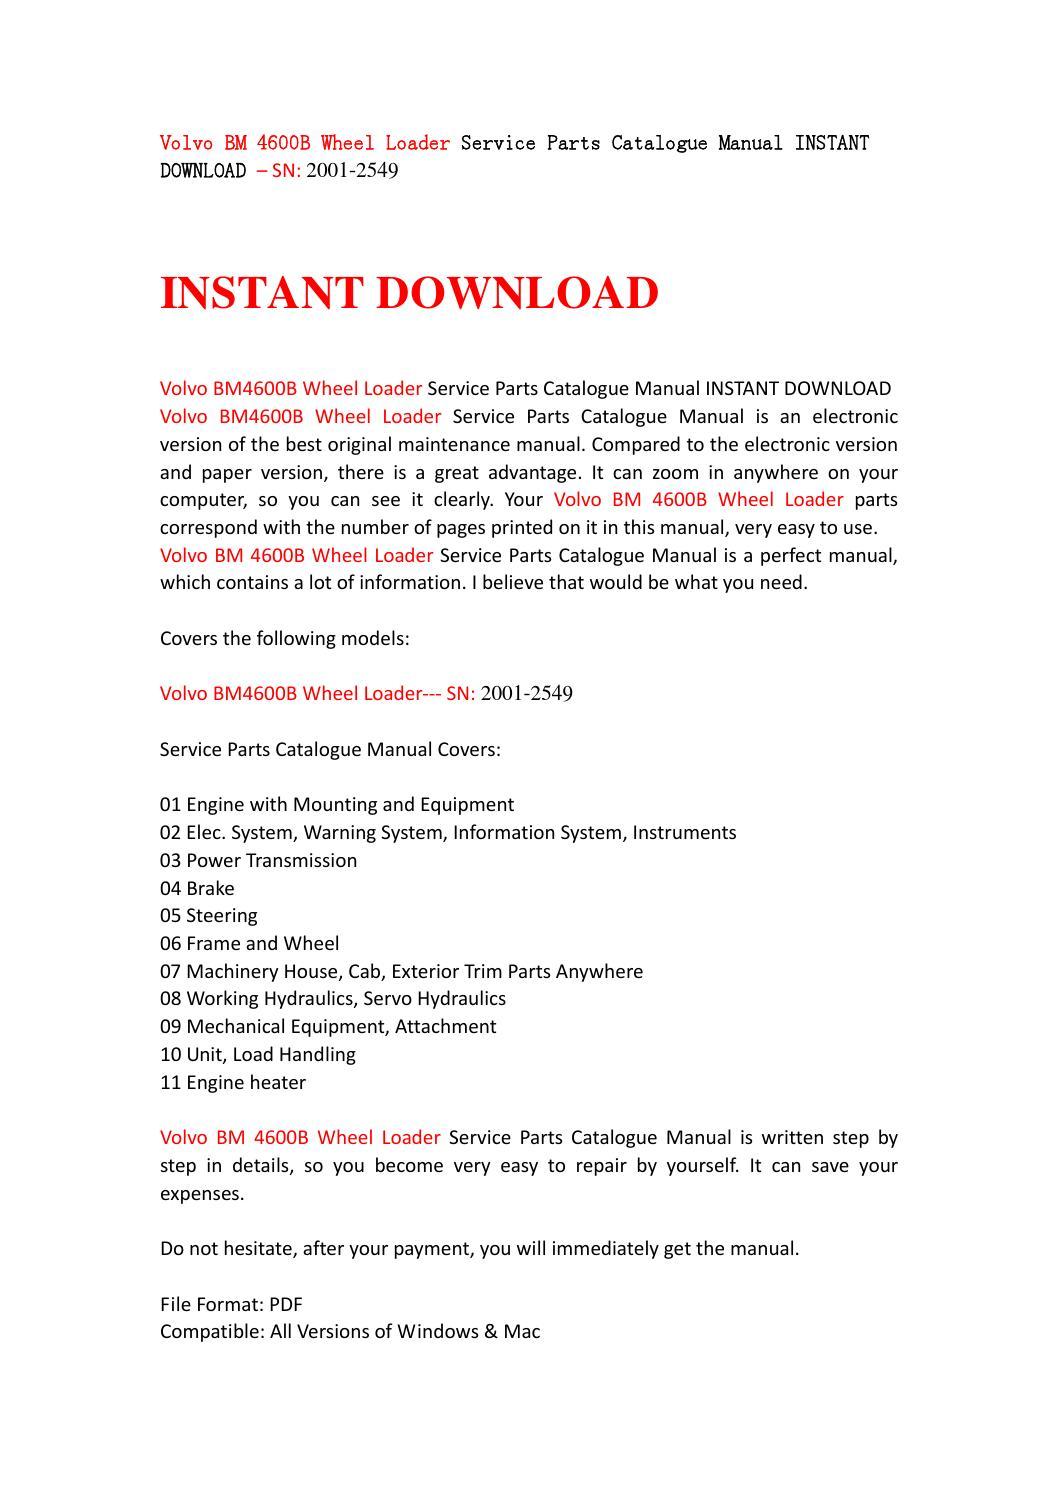 volvo bm 4600b wheel loader service parts catalogue manual